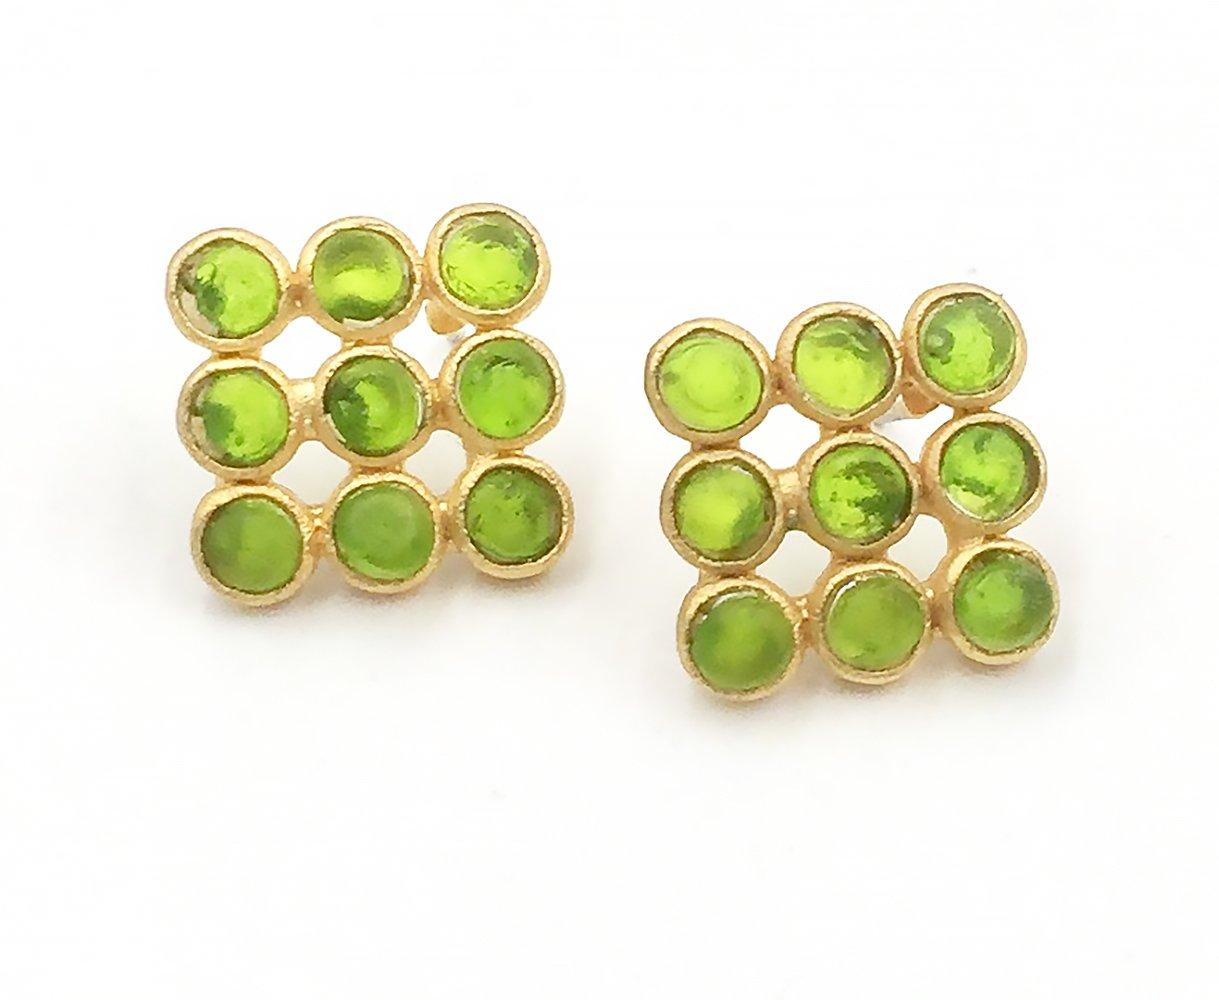 Michael Vincent Michaud Glass Tic-Tac-Toe Earrings #1049J by Michael Vincent Michaud